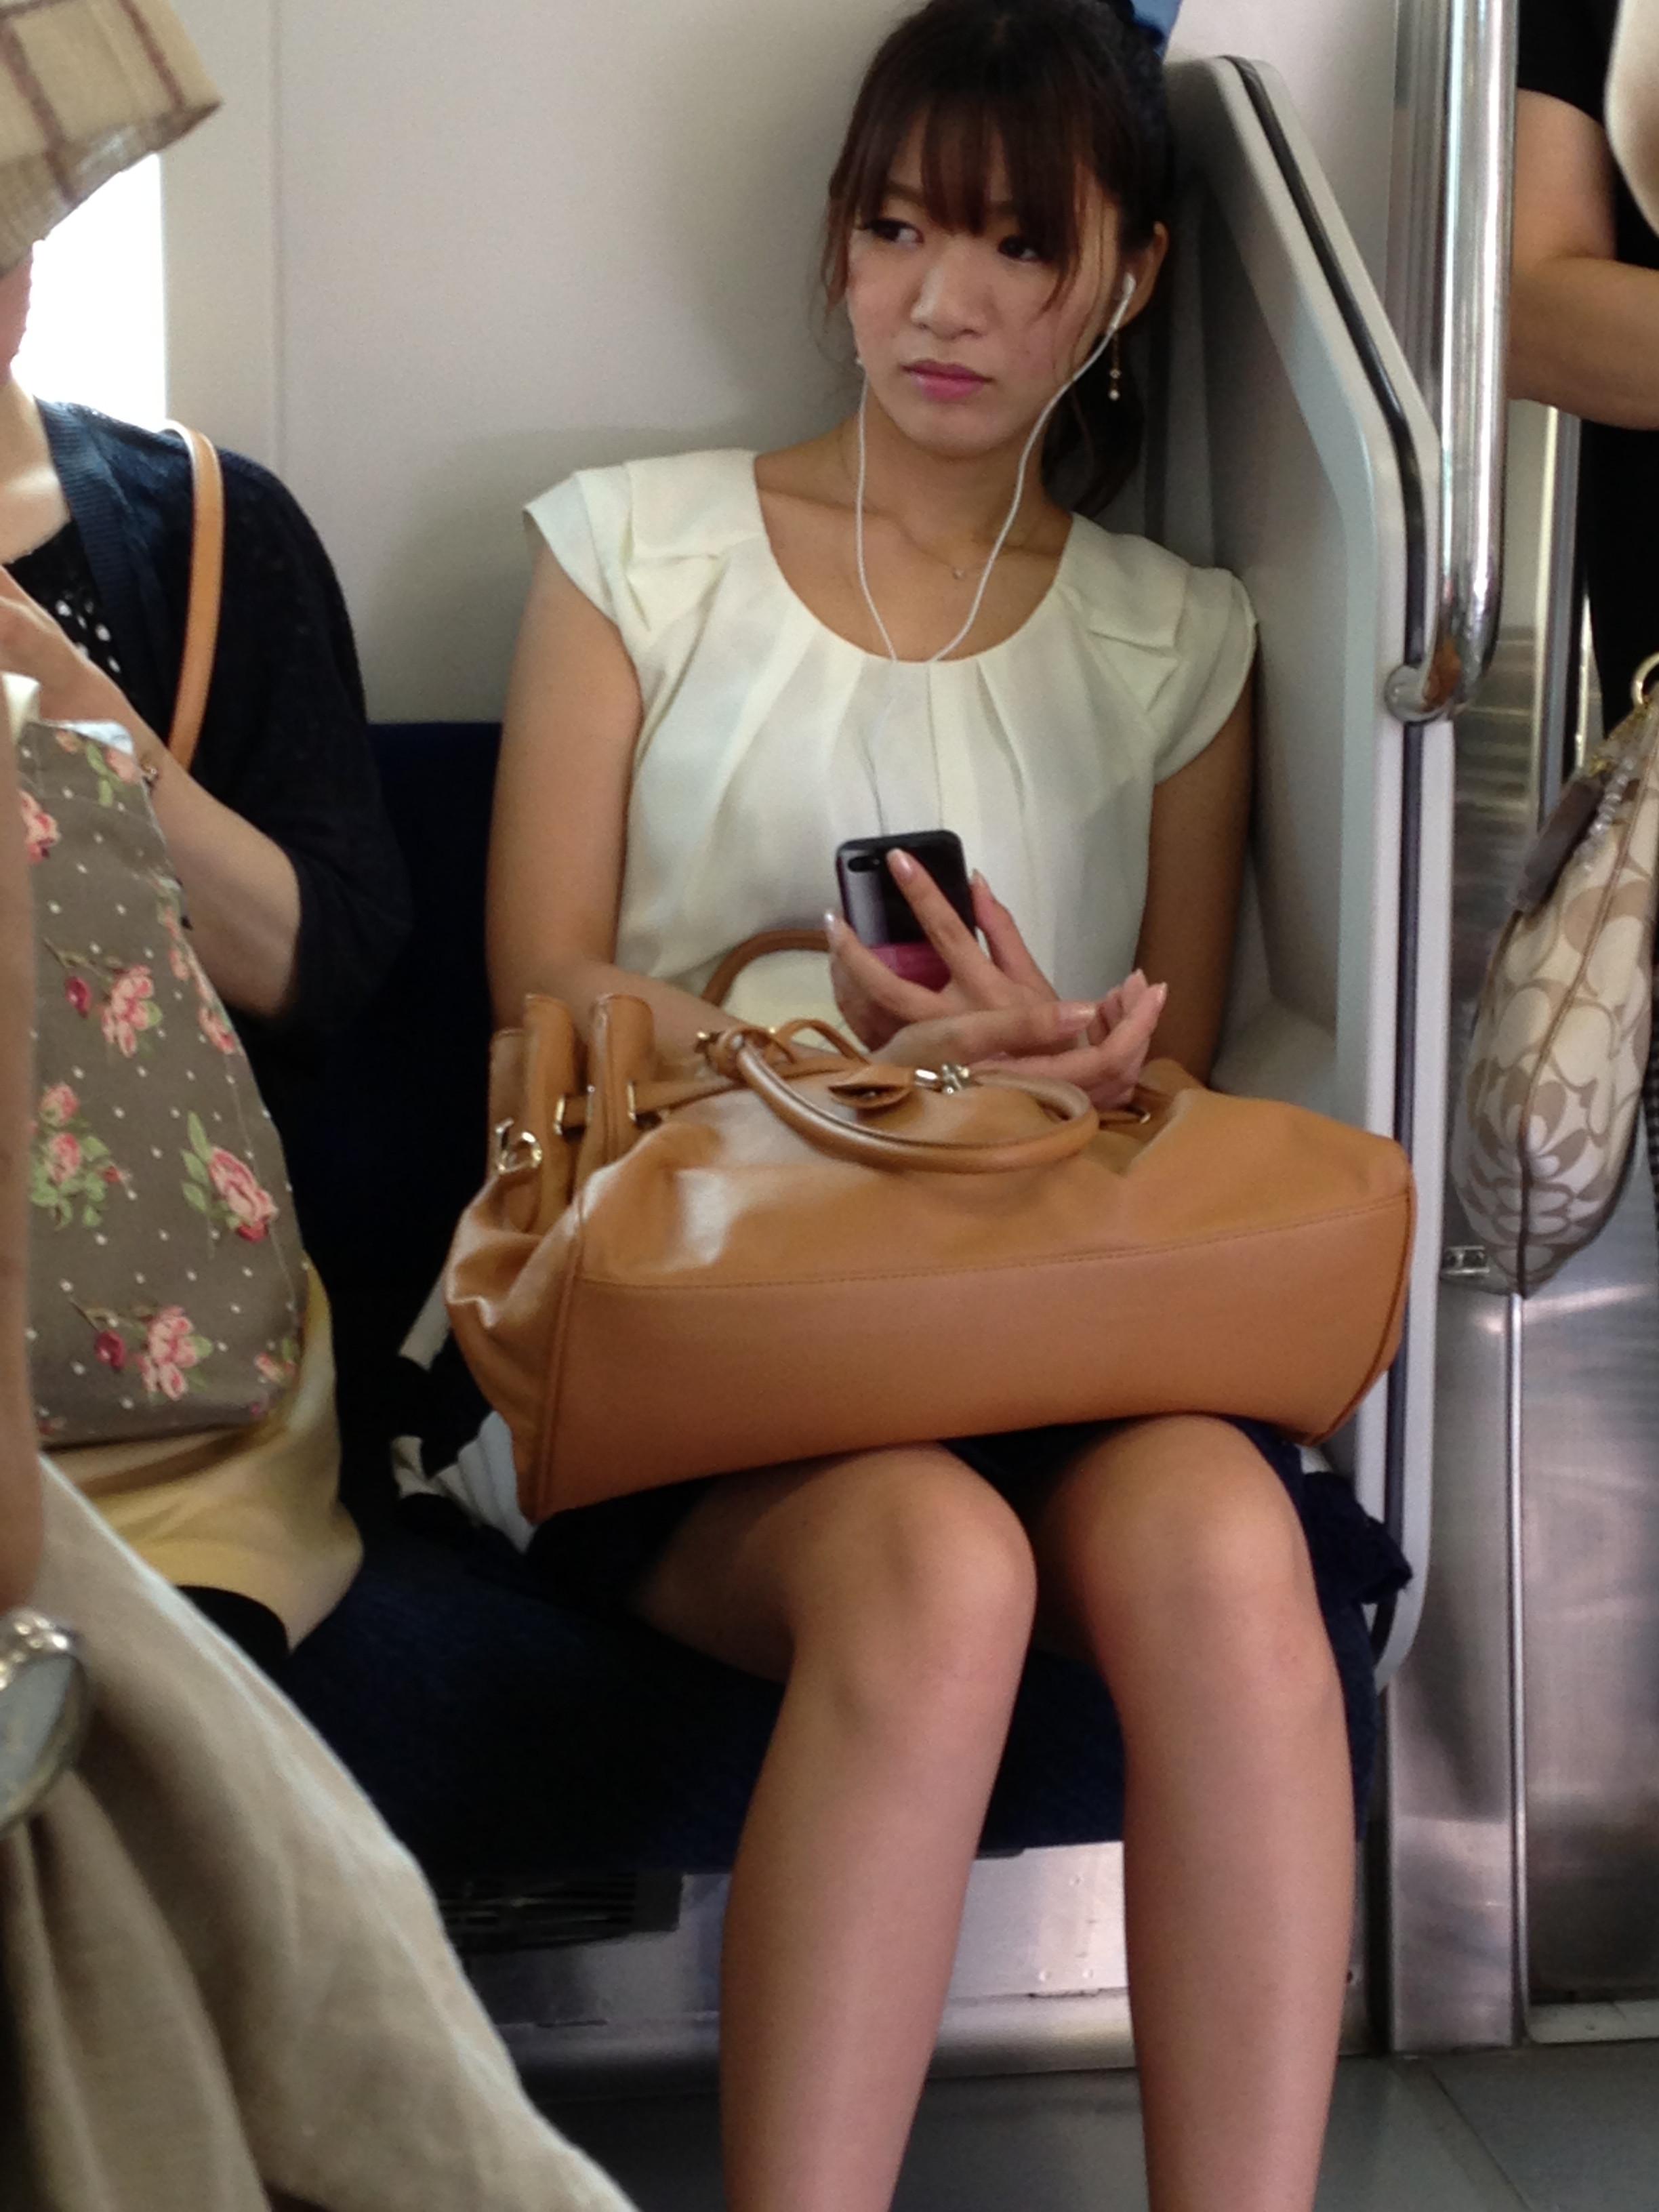 電車で見つけたエロい素人娘達を盗み撮りwww xSmxssP